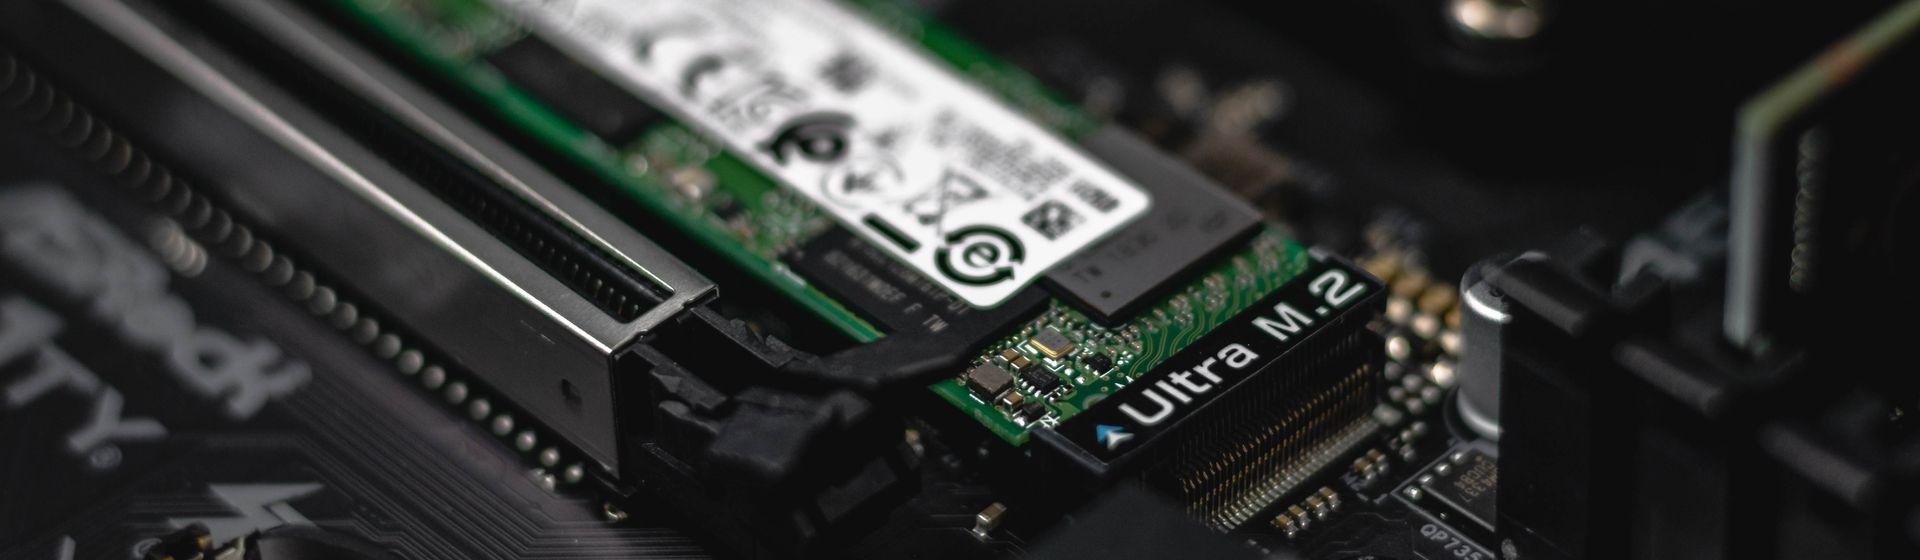 Melhor SSD M.2: veja 10 opções e saiba como funciona a tecnologia